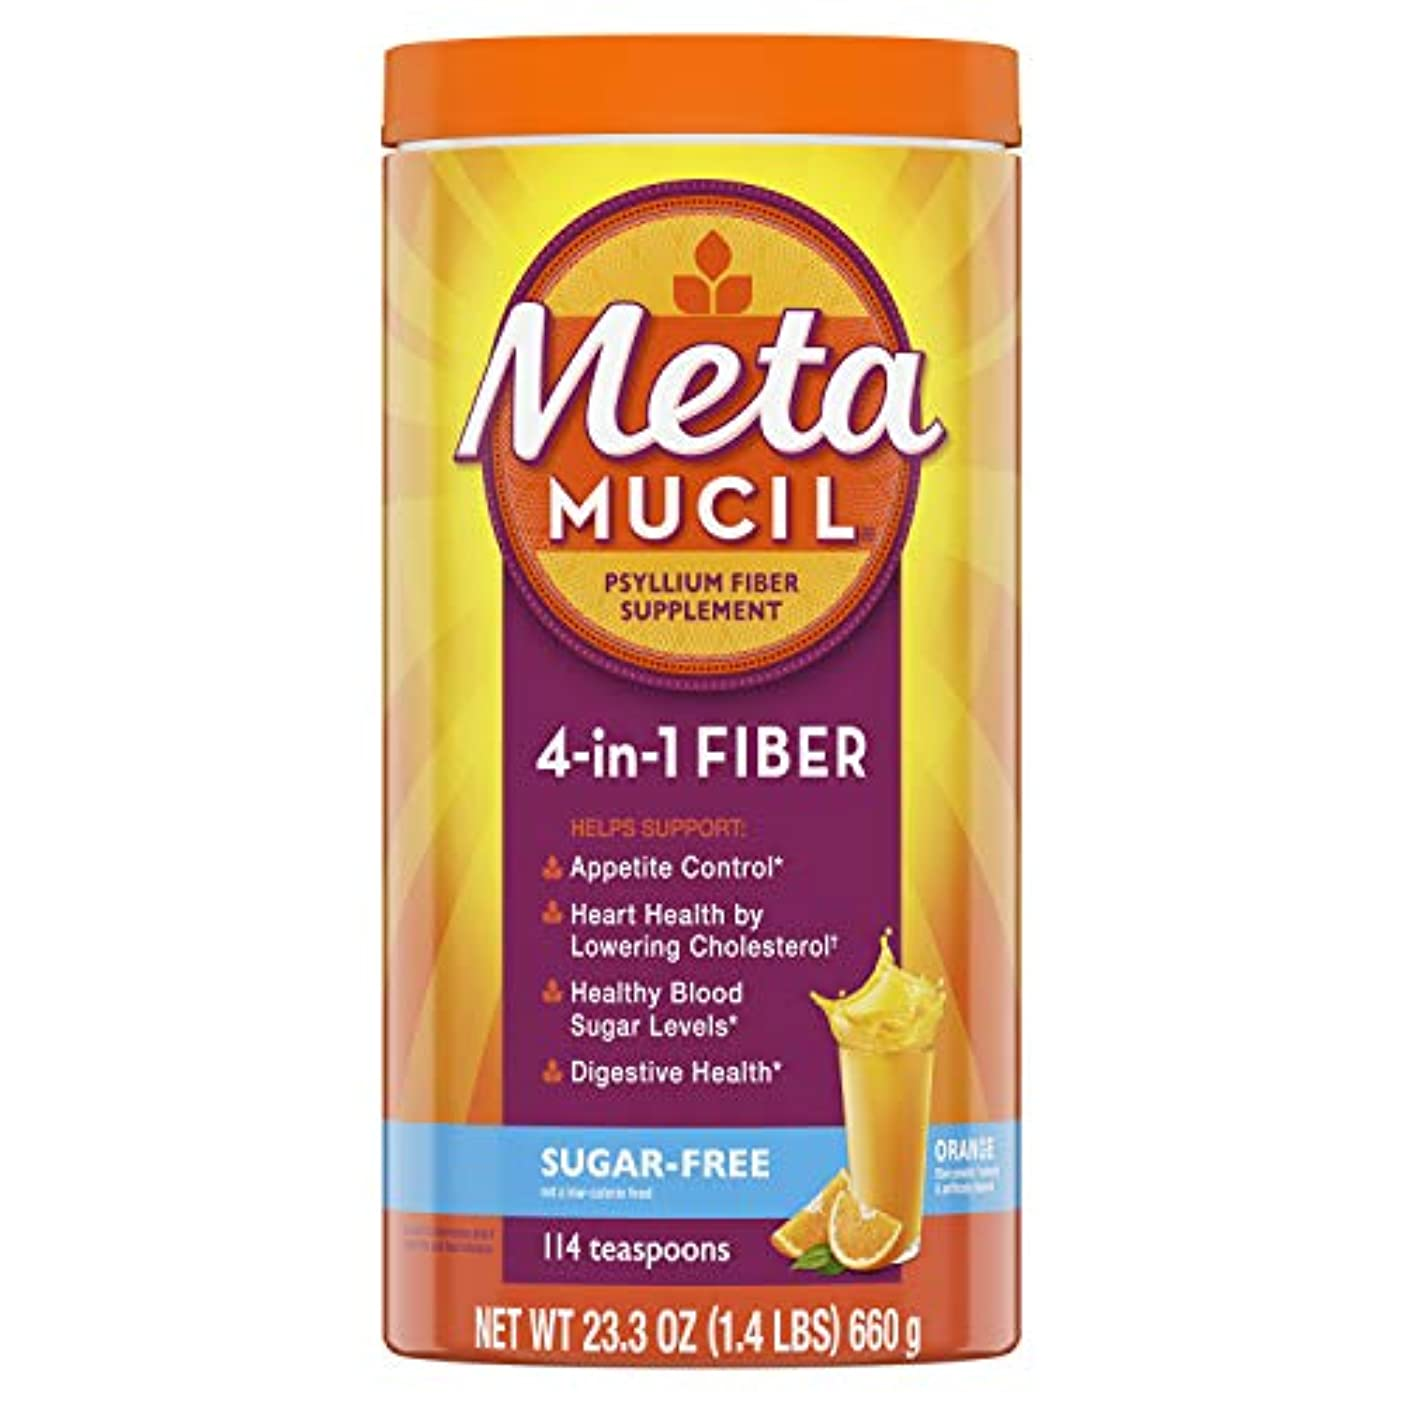 ふりをするやけど再発するMetamucil  メタムシル オオバコ繊維 シュガーフリー サプリメント 660g  並行輸入品